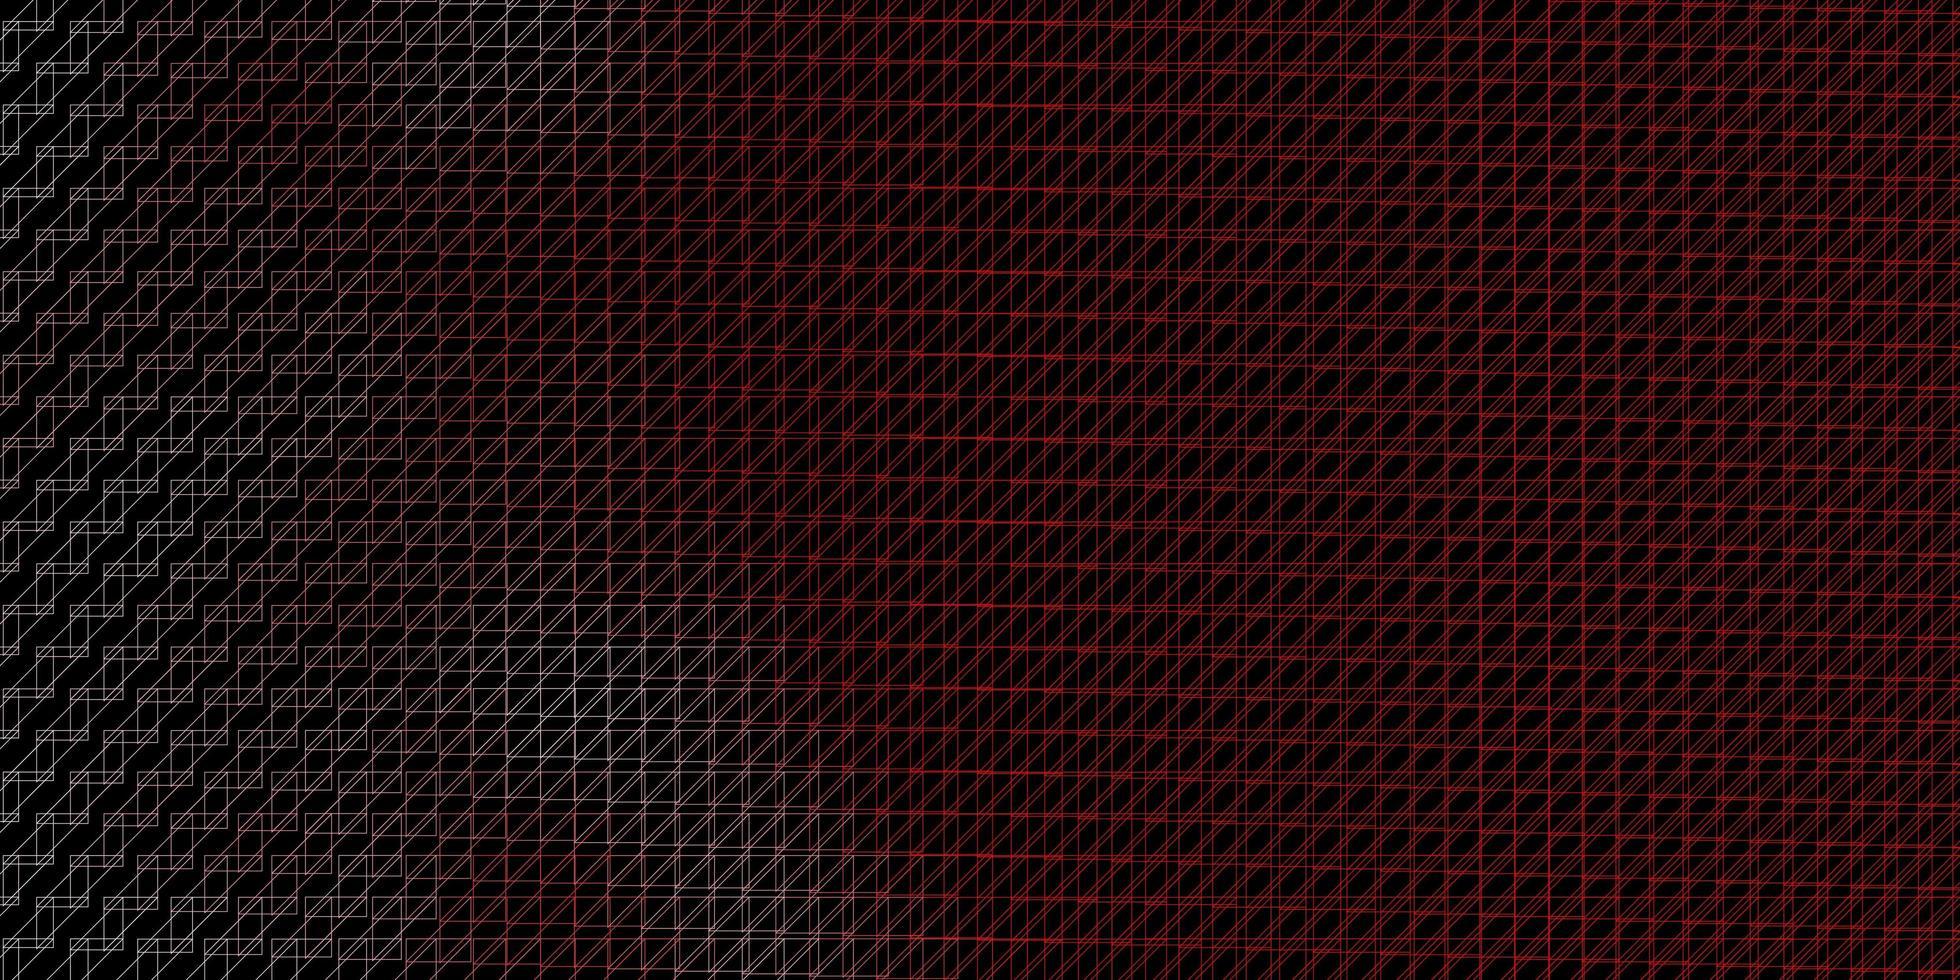 Fondo rojo oscuro con líneas planas. vector